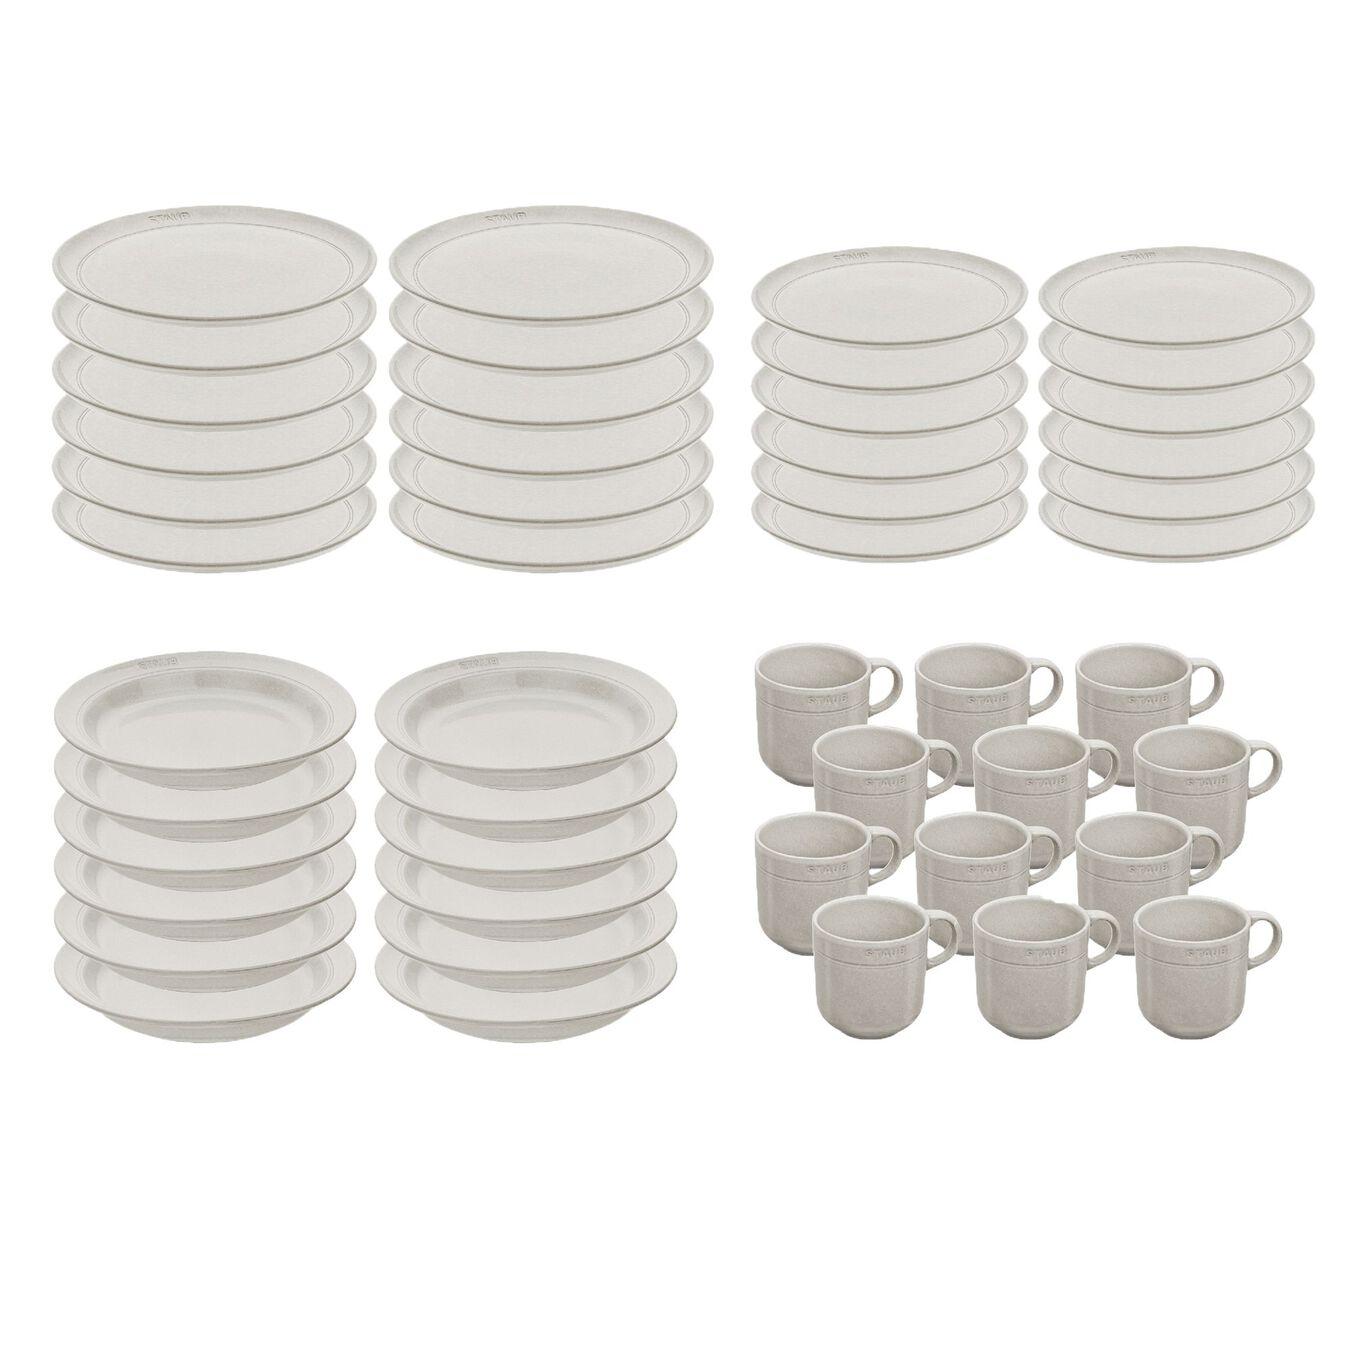 Set de service, 45-pcs | White Truffle | Ceramic | Ceramic,,large 1